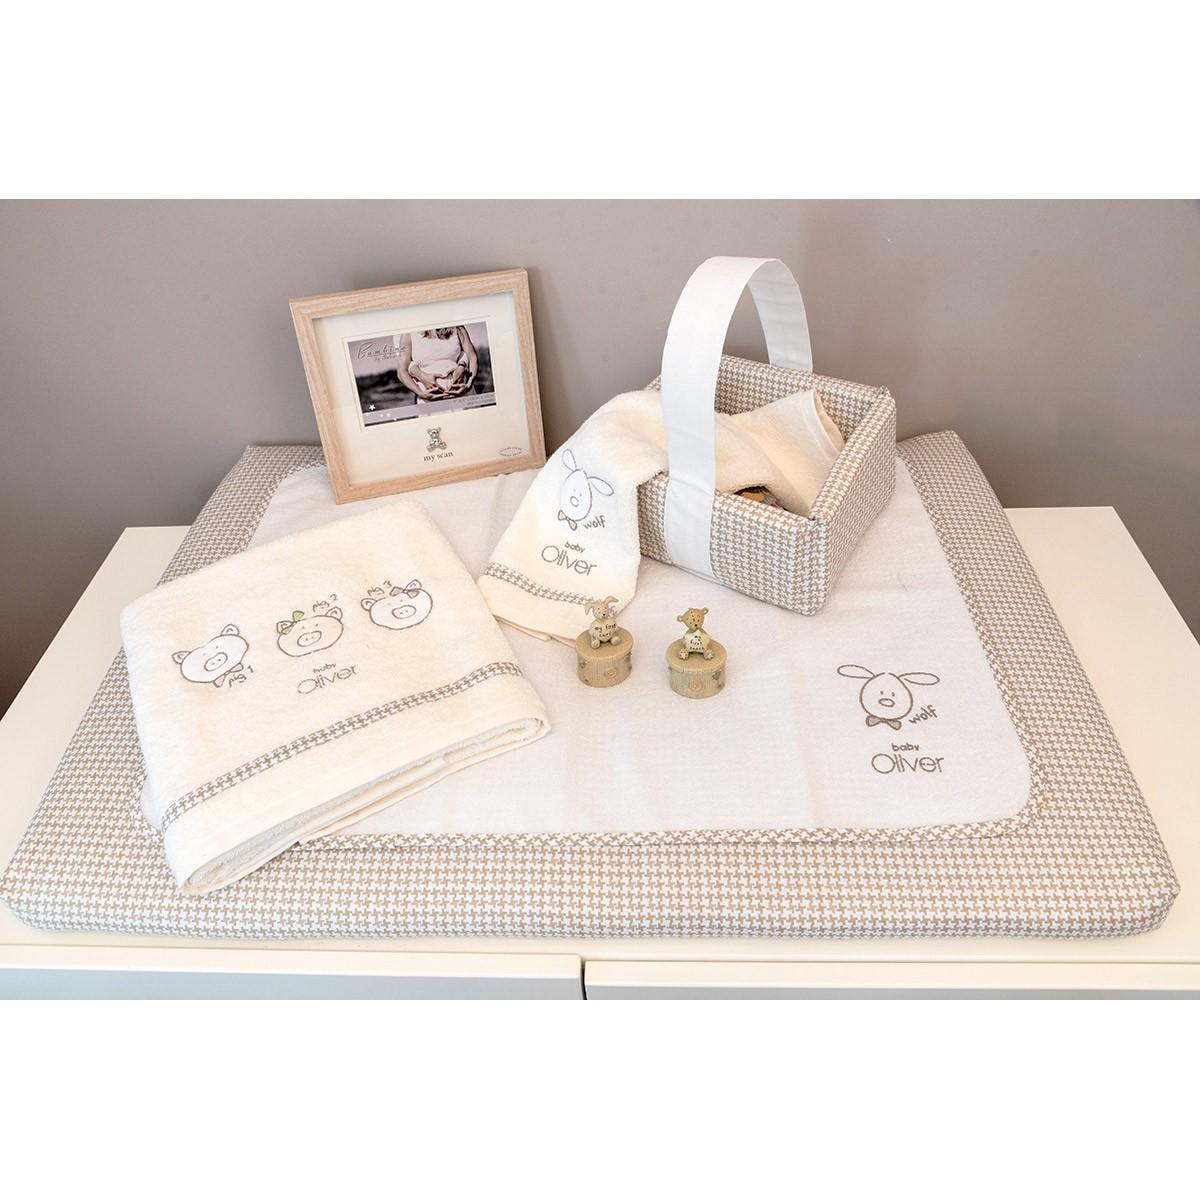 Κάλυμμα Αλλαξιέρας Baby Oliver Mr.Wolf & Co 305 home   βρεφικά   αλλαξιέρες βρεφικές